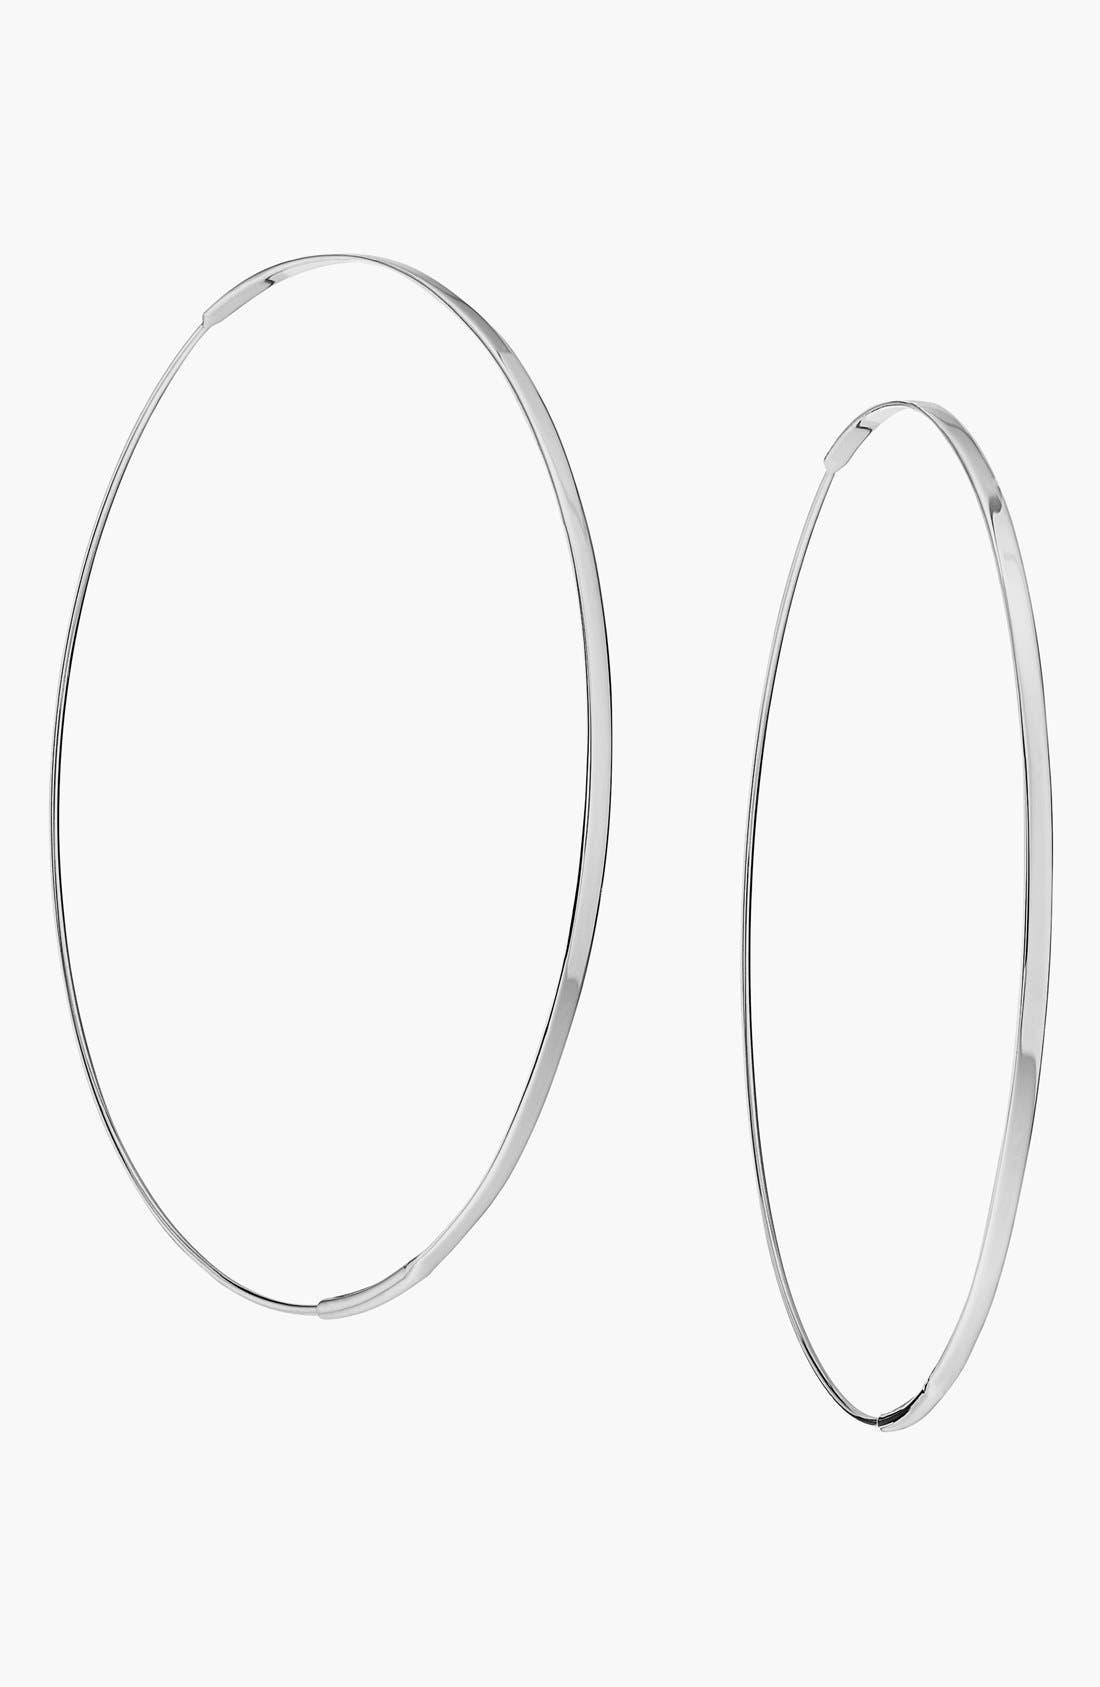 Main Image - Lana Jewelry 'Large Flat Magic' Hoop Earrings